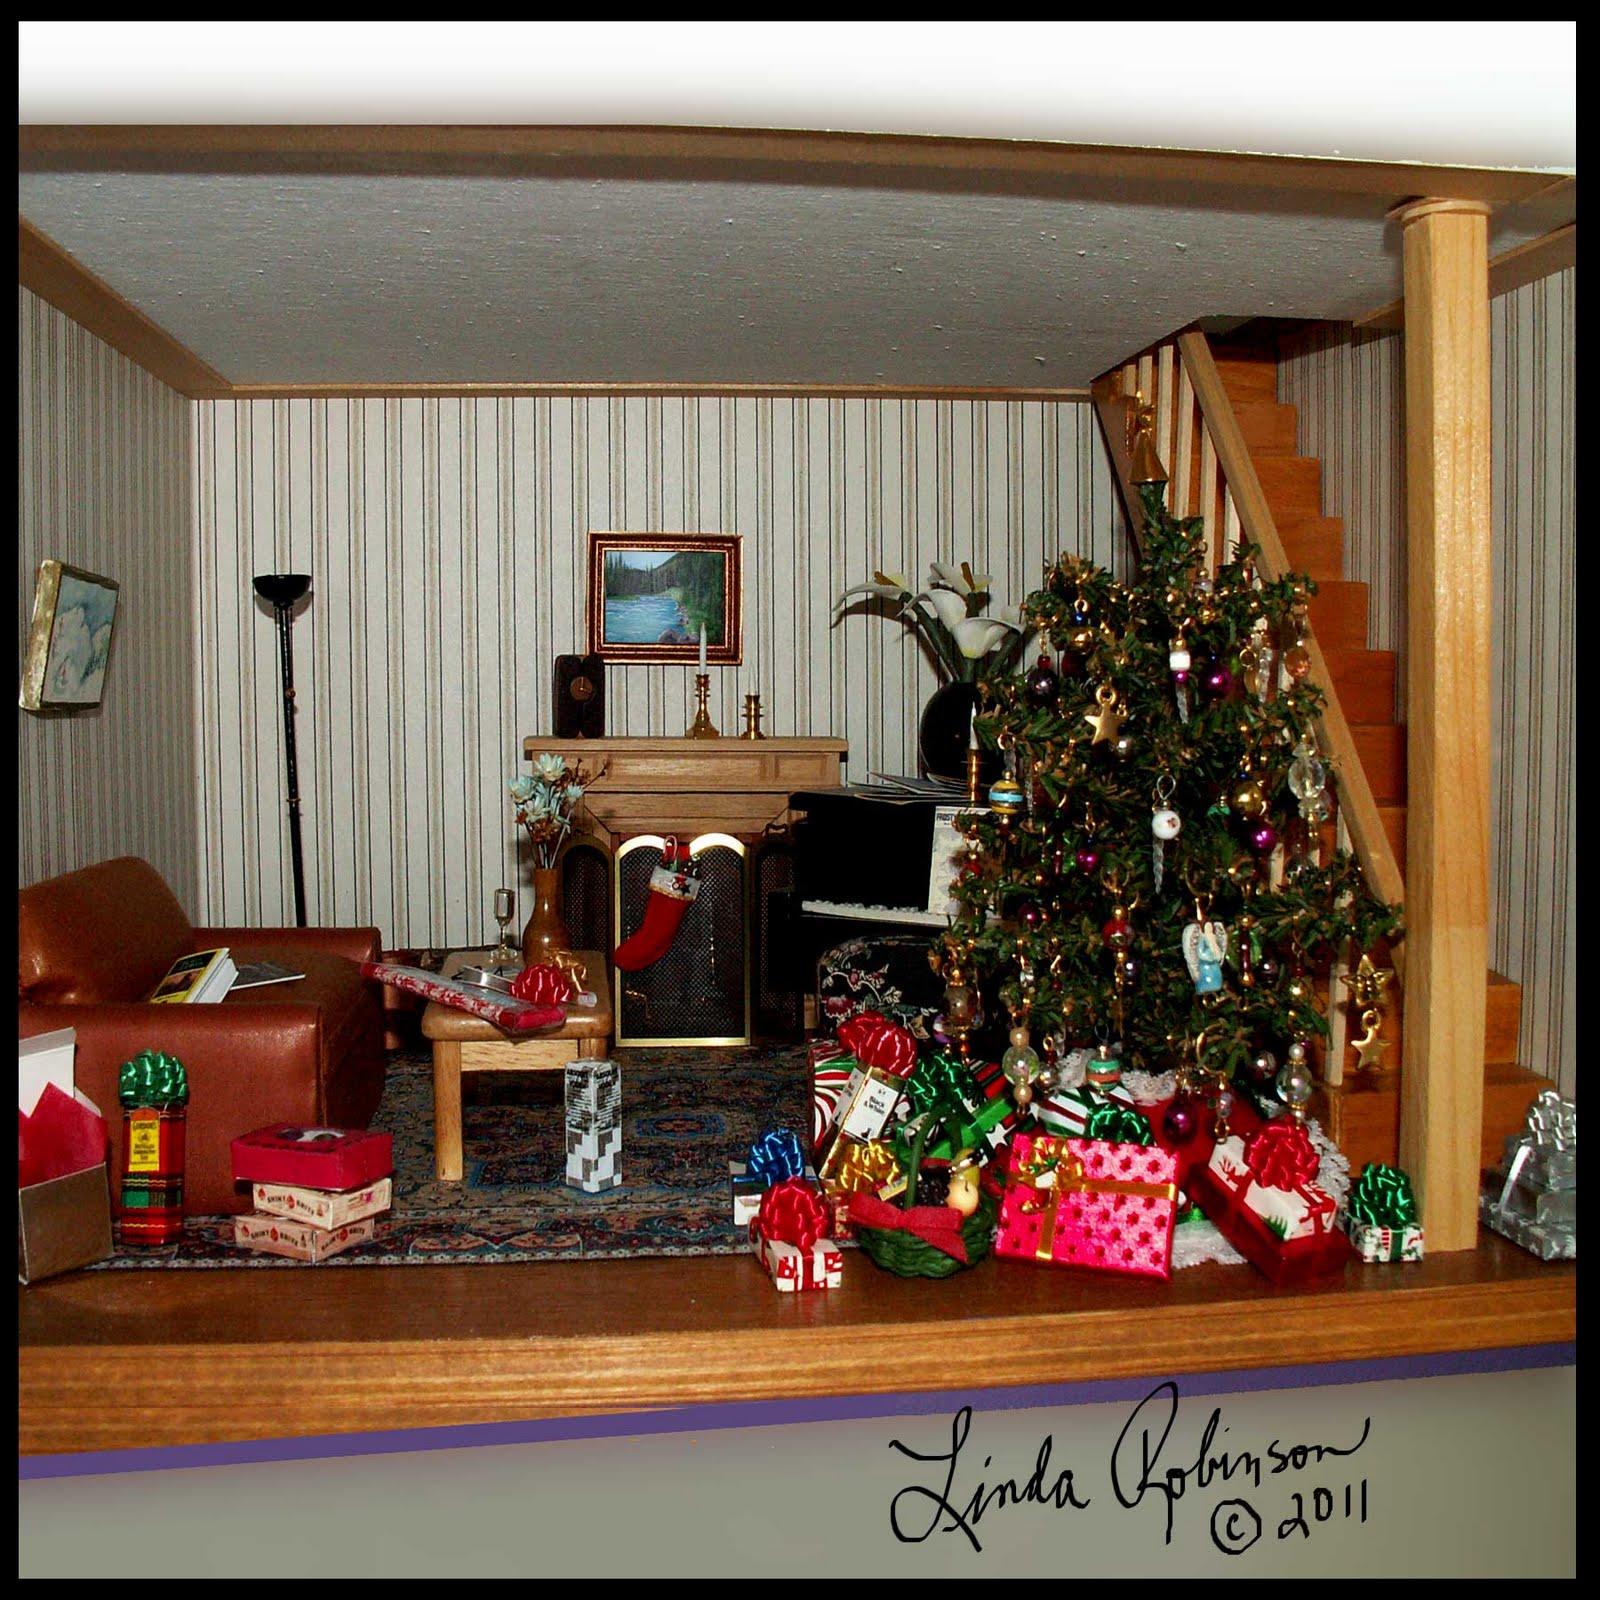 Christmas Dollhouse Decorations.Linda Robinson Dollhouse Christmas 2011